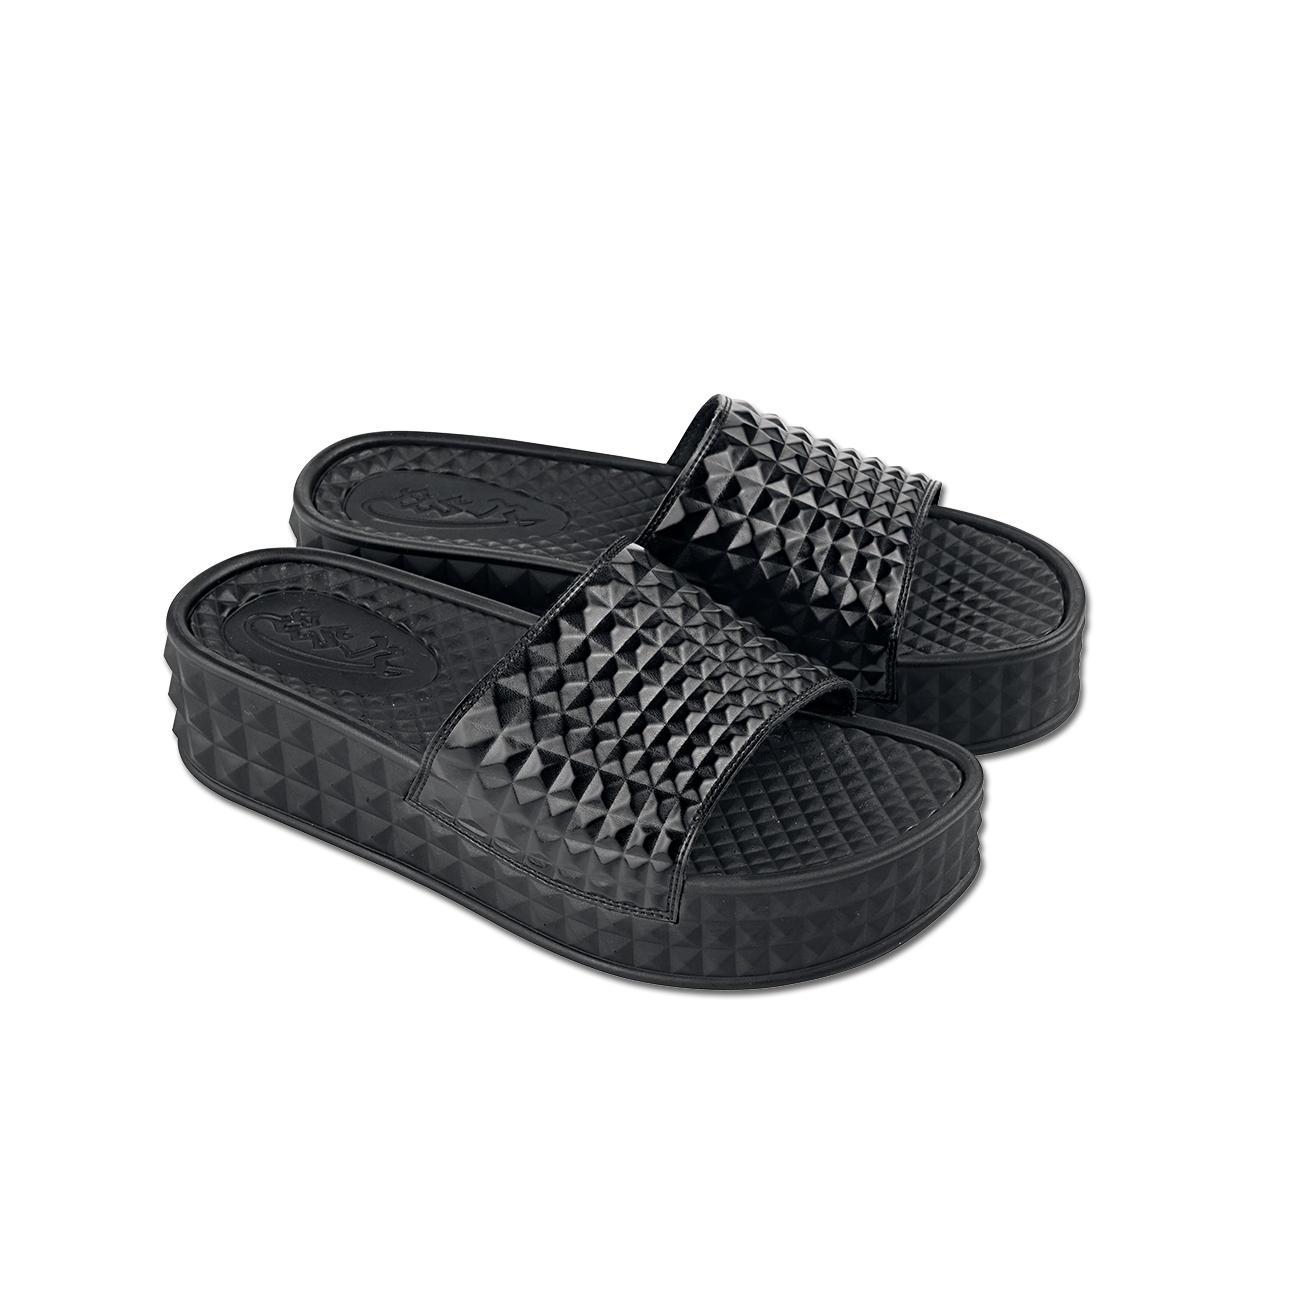 hot sale online f8418 c7eda Ash Plateau-Pantolette | Designer-Highlights